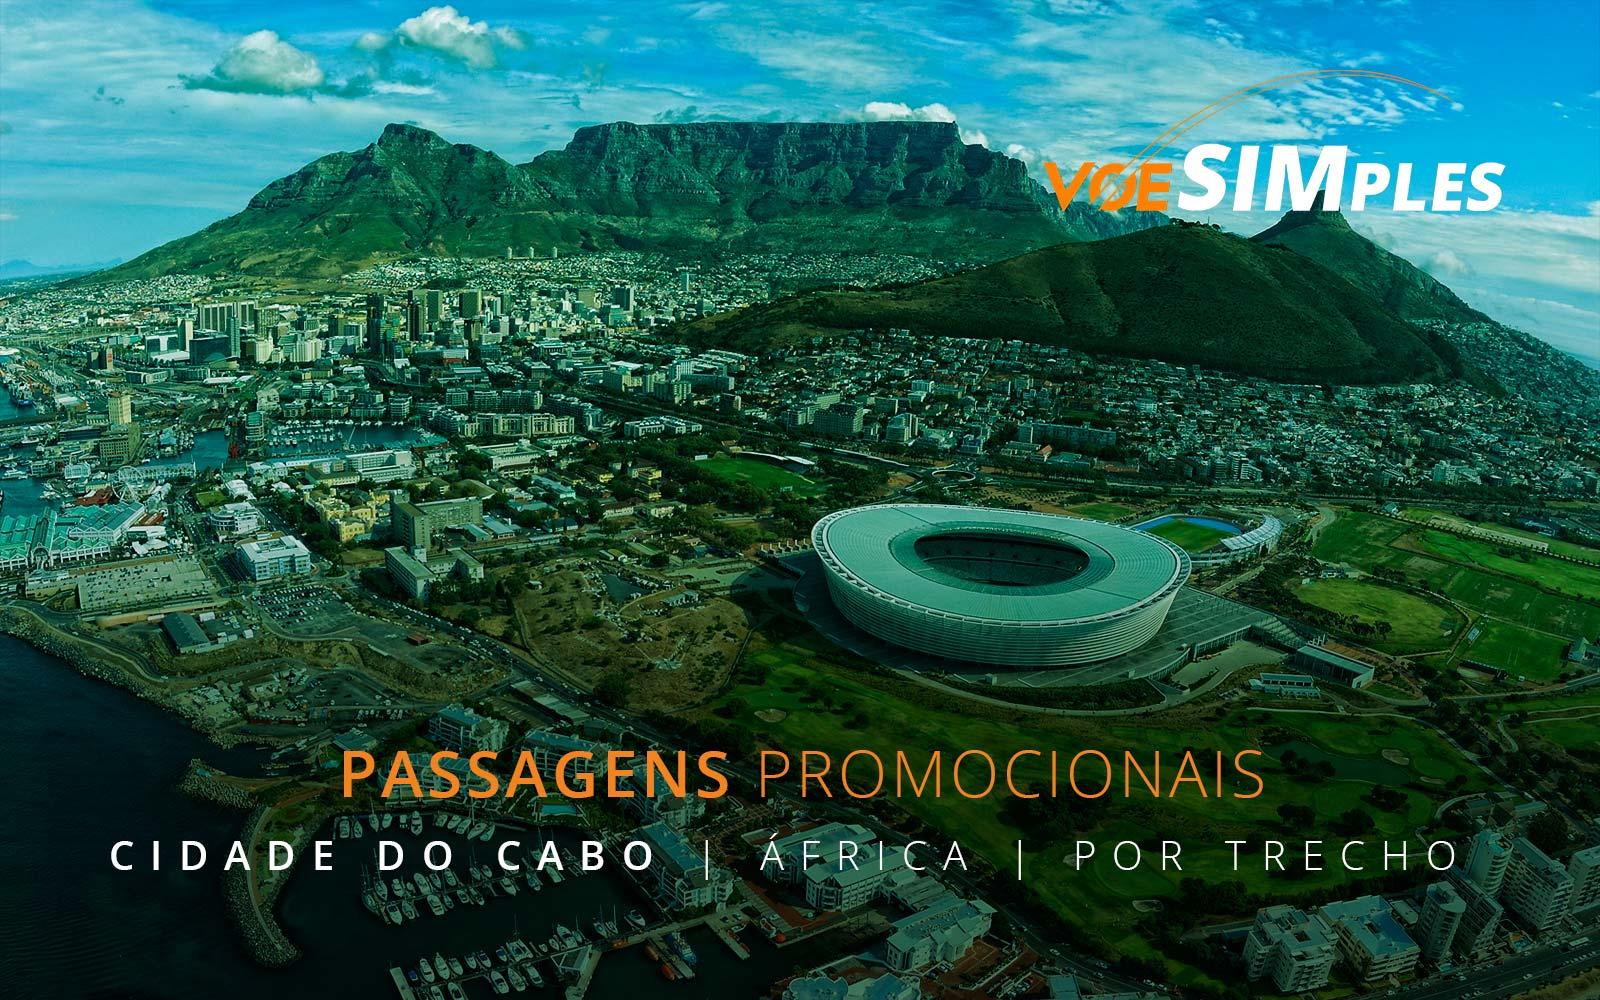 Passagens aéreas promocionais para Cidade do Cabo na África do Sul